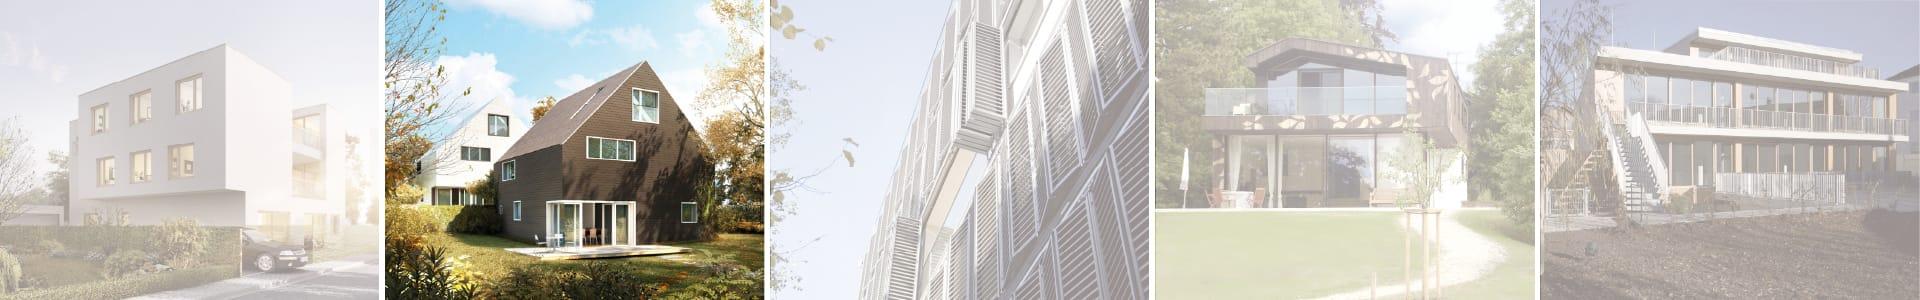 Planung Realisierung Einfamilienhaus am Ammersee durch KR Häuser GmbH